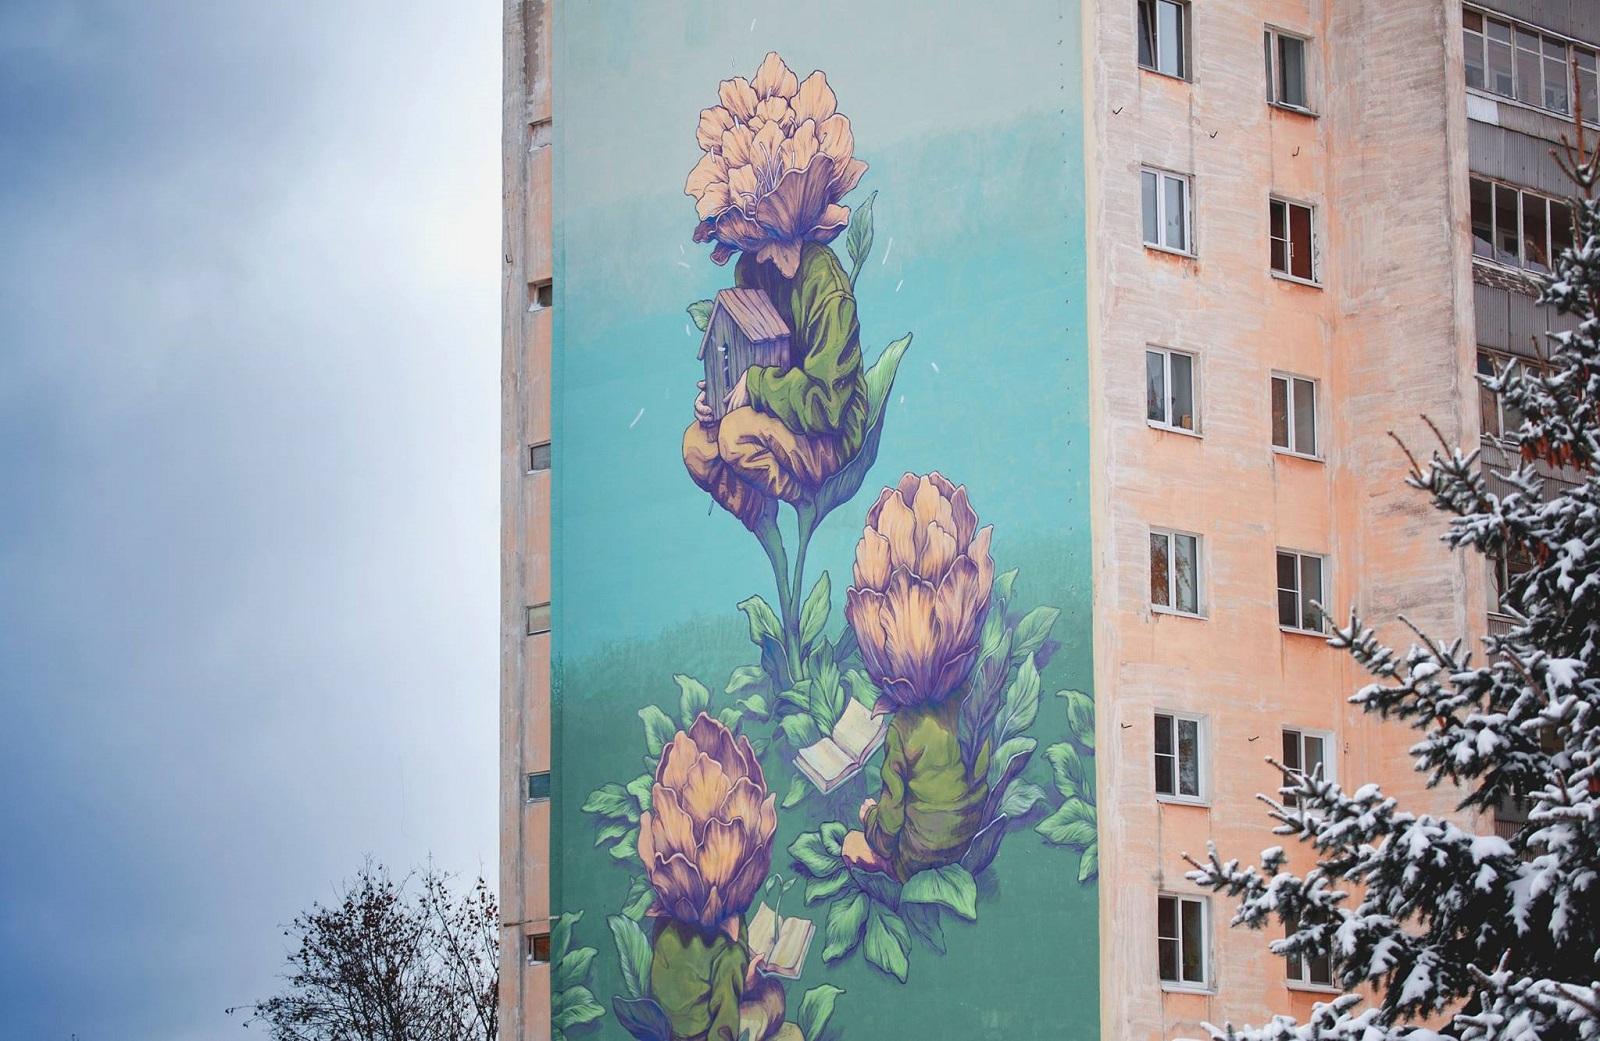 rustam-qbic-new-mural-in-nizhniy-novgorod-02a